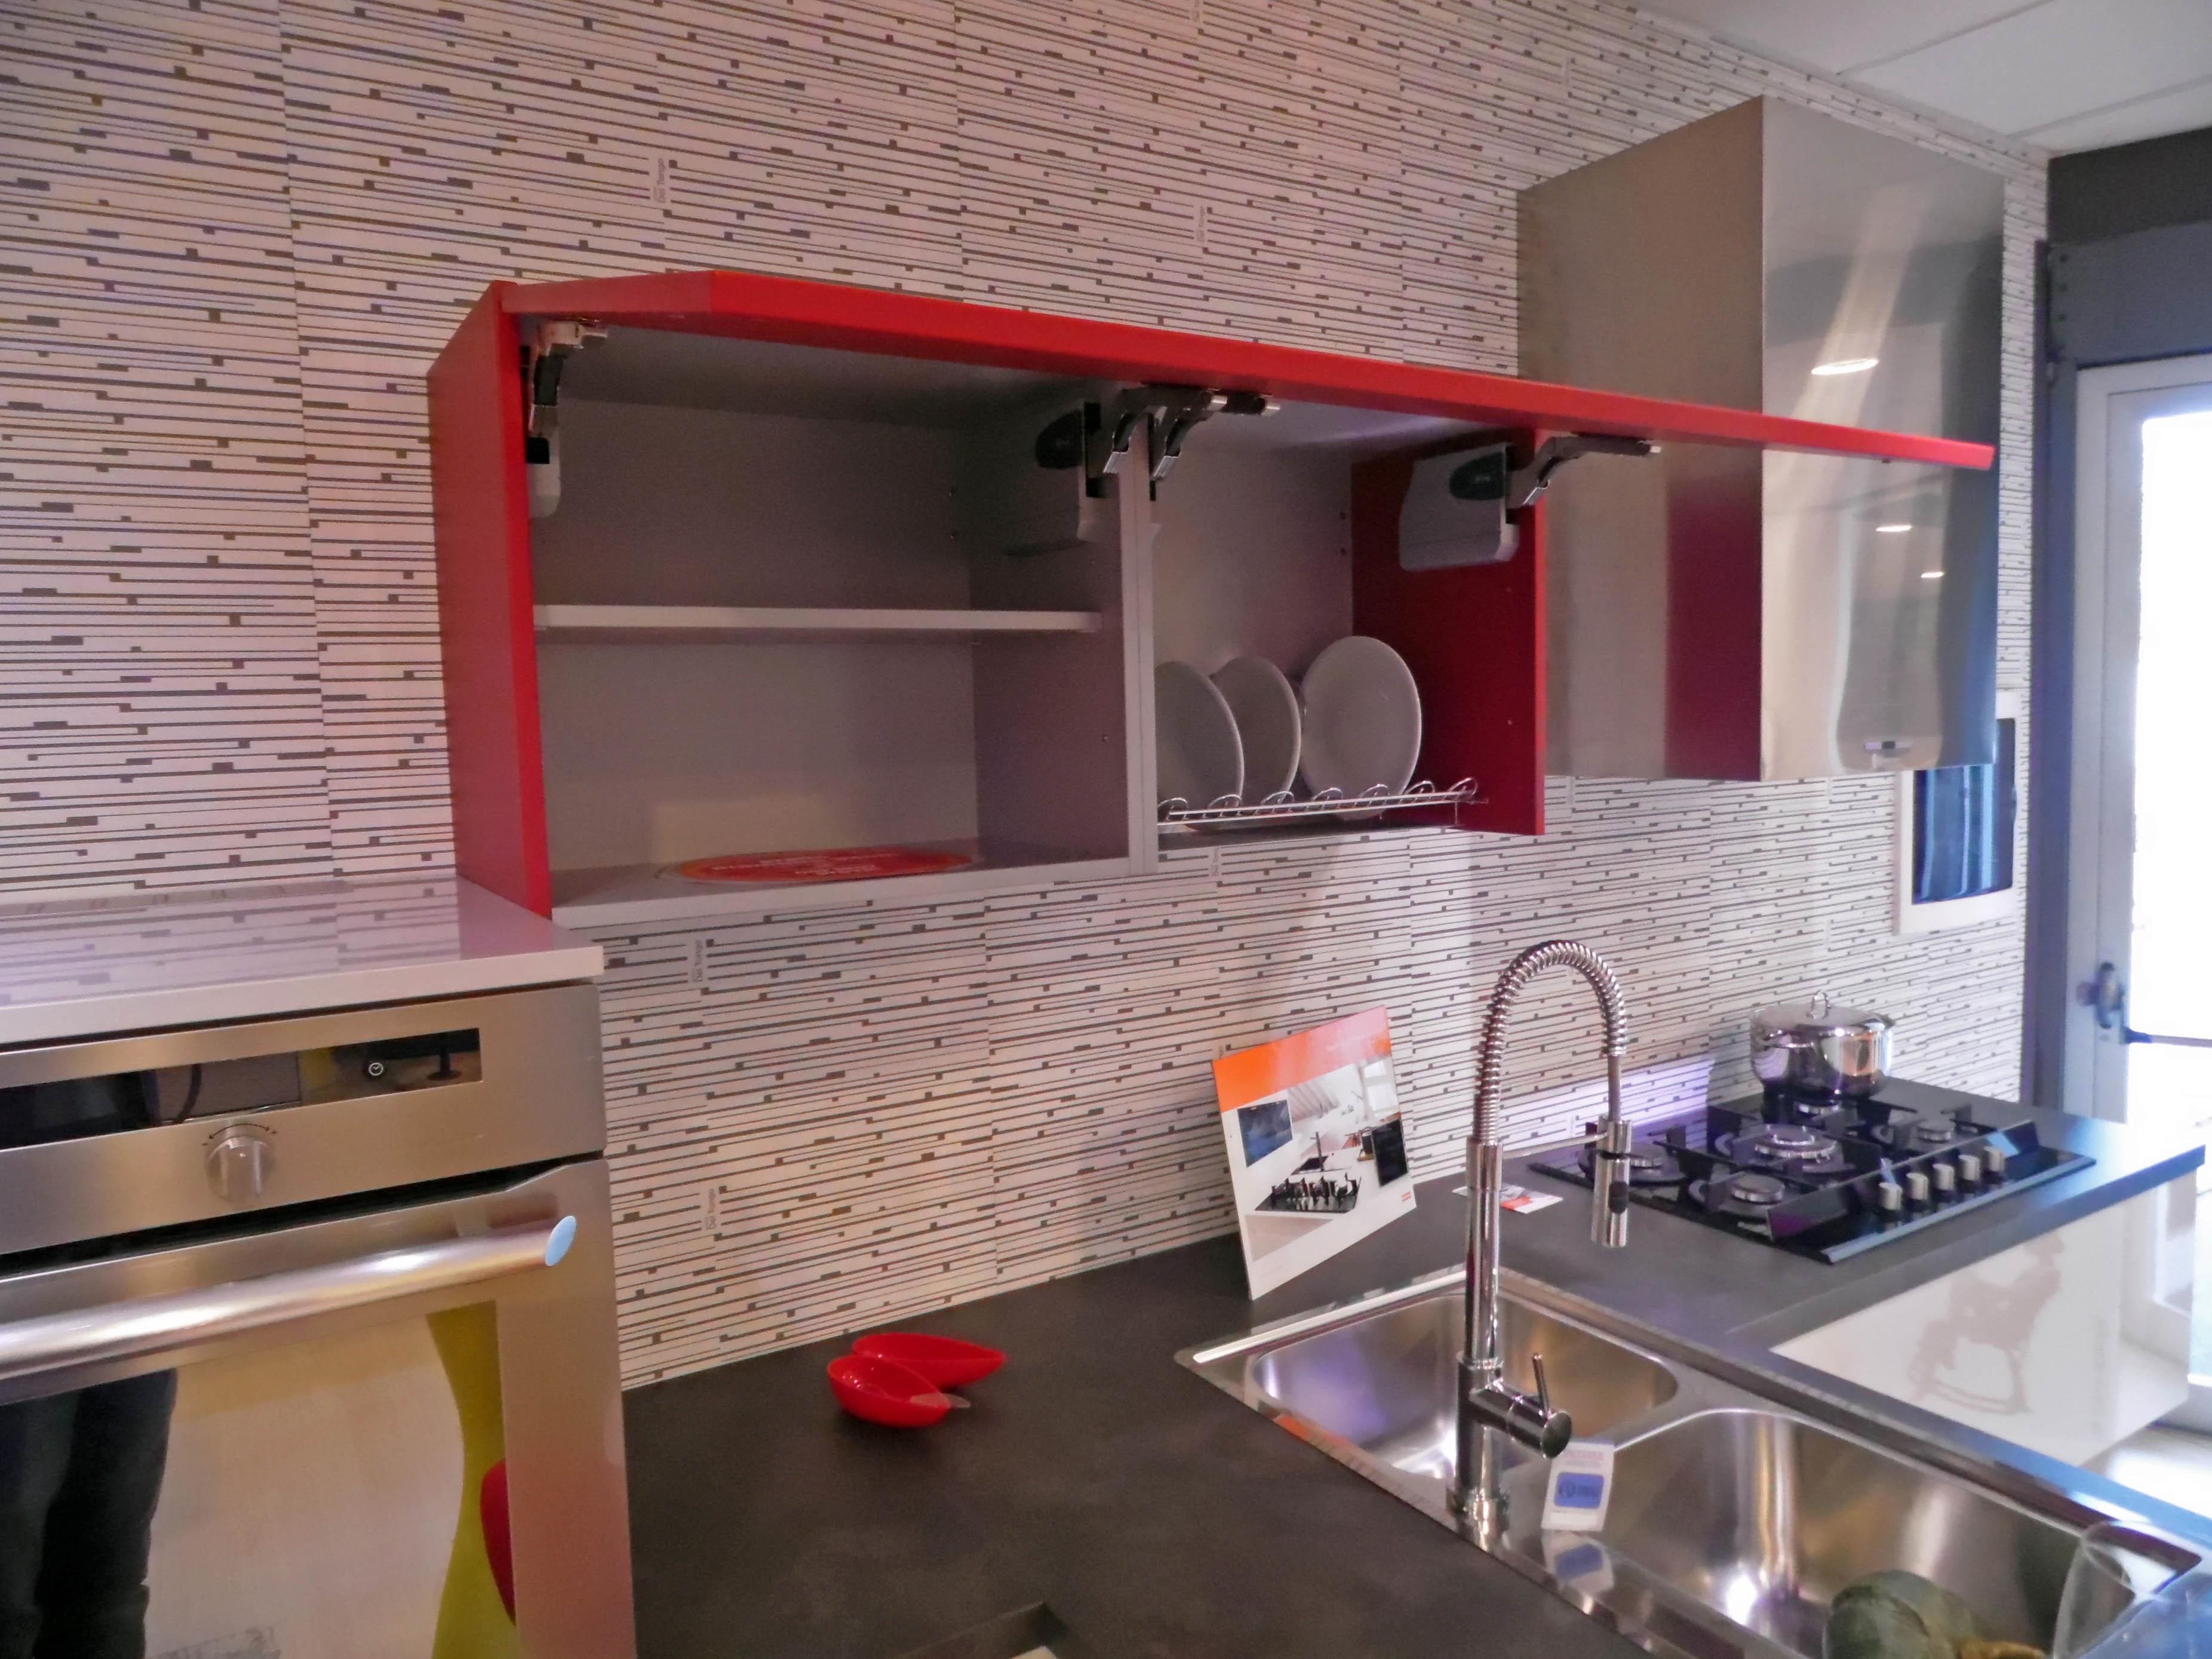 Milano cucine veneta cucine with milano cucine latest - Life cucine milano ...